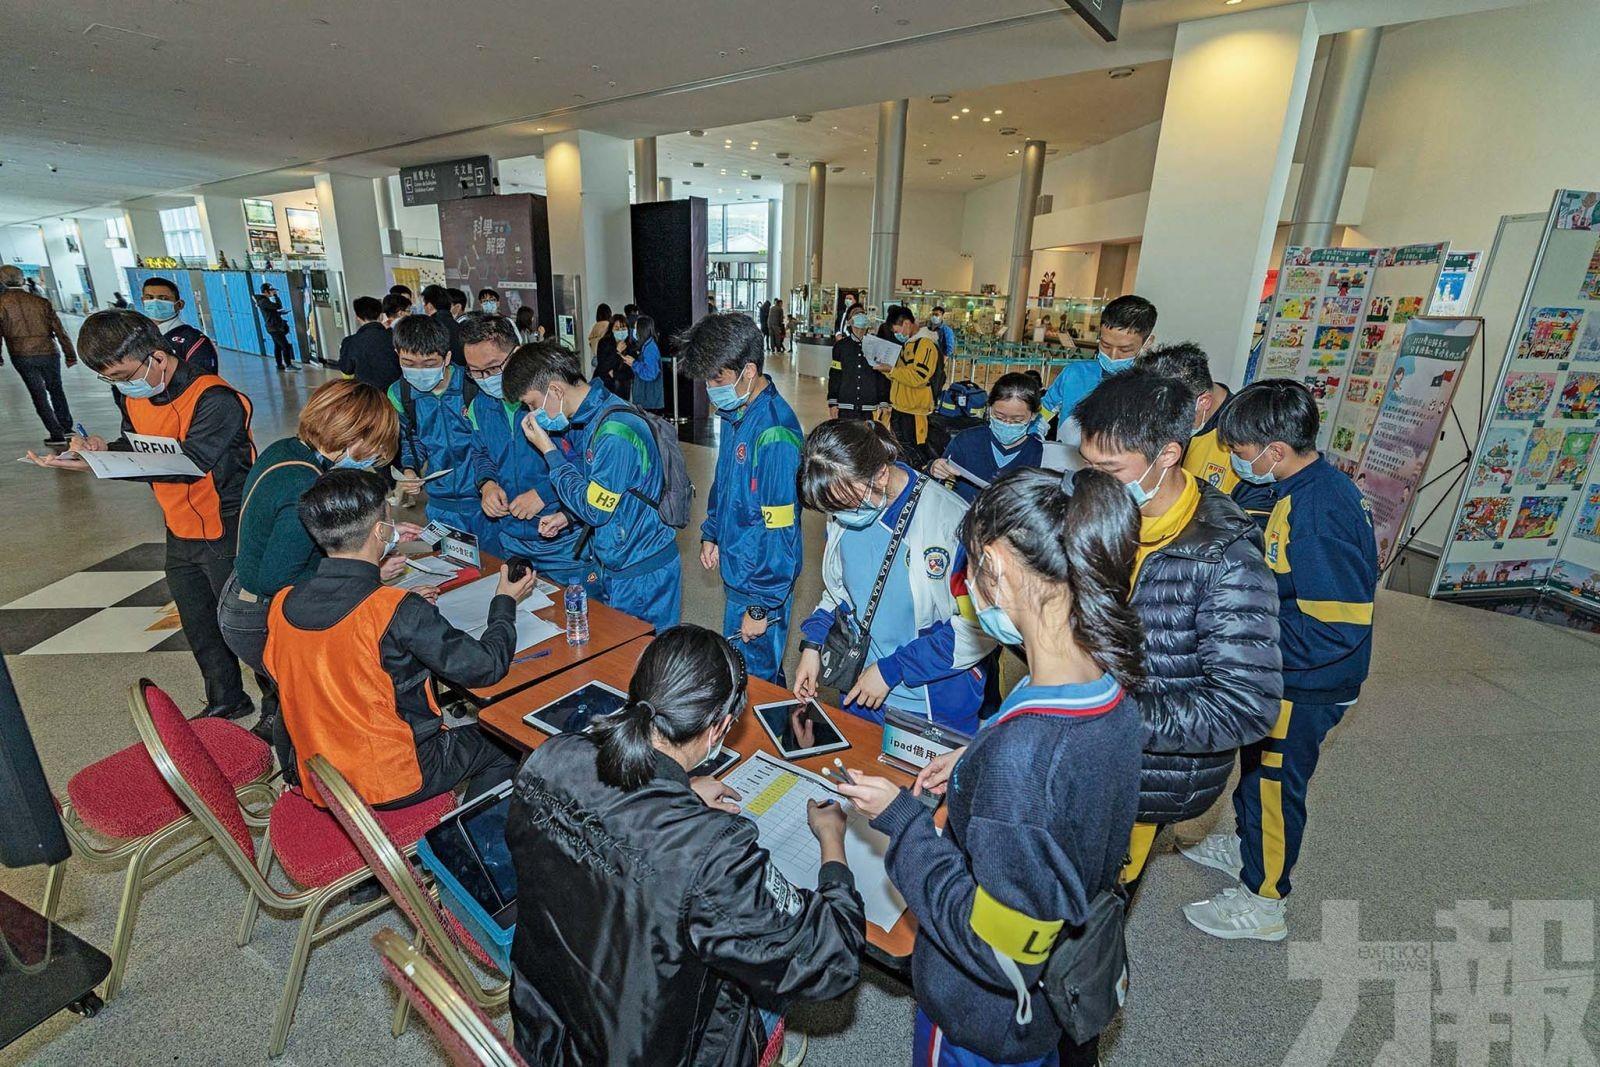 科學定向解密全民挑戰賽 激發青少年科學興趣